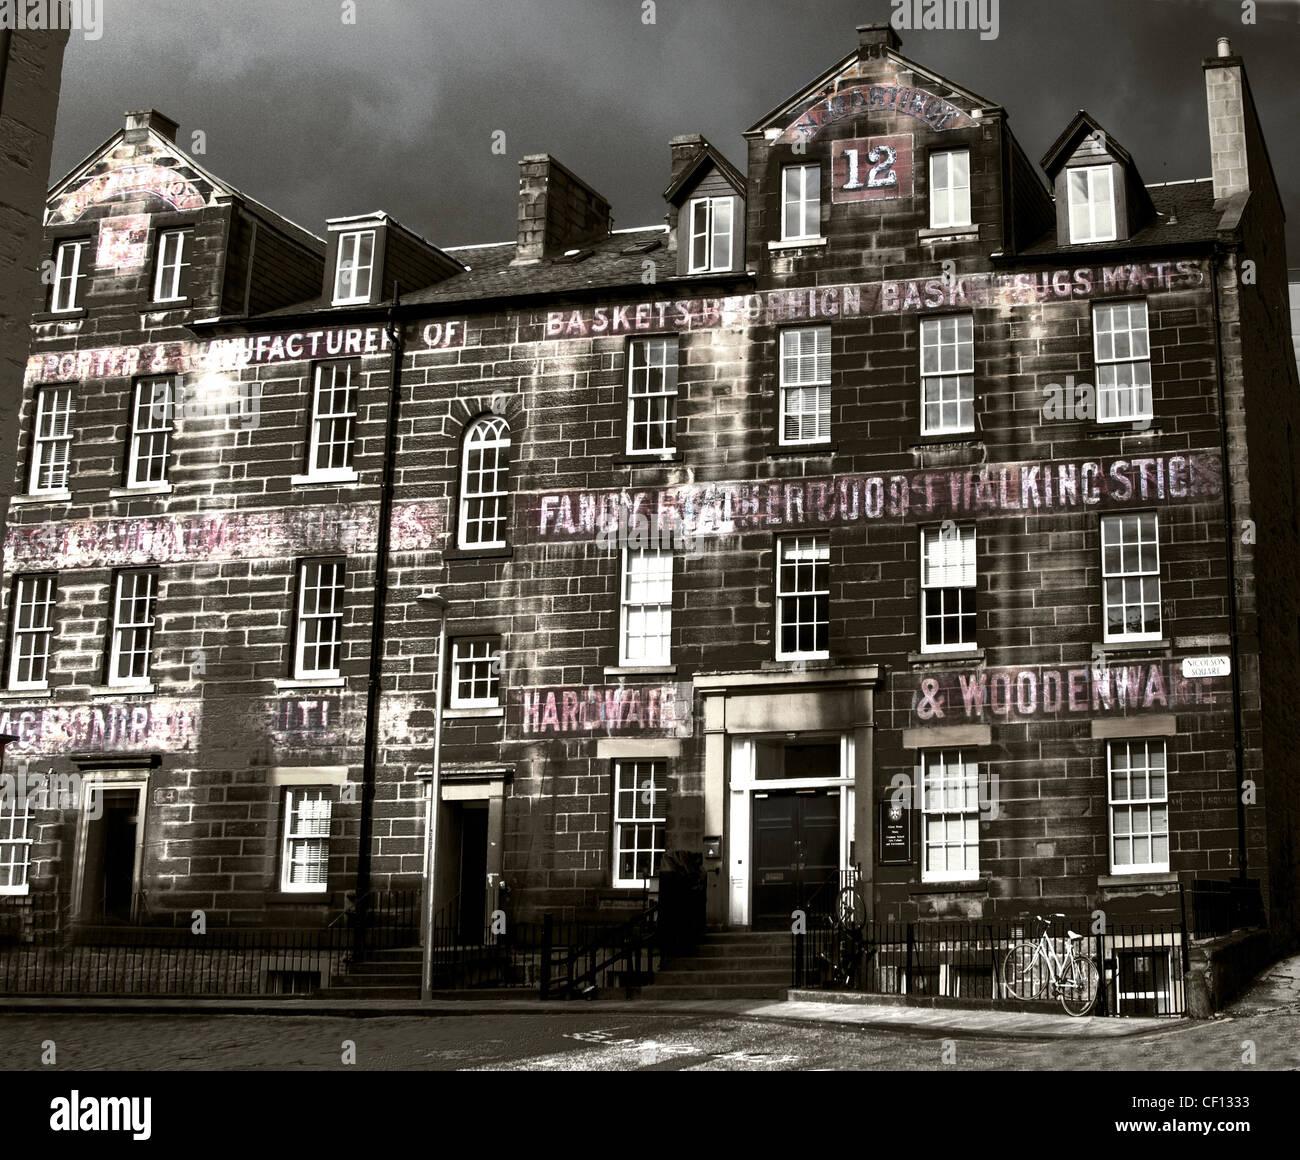 Laden Sie dieses Alamy Stockfoto Alten Signwriting am Universitätsgebäude bei 12 Nicholson Square, Edinburgh City, Lothian, Schottland, UK - CF1333